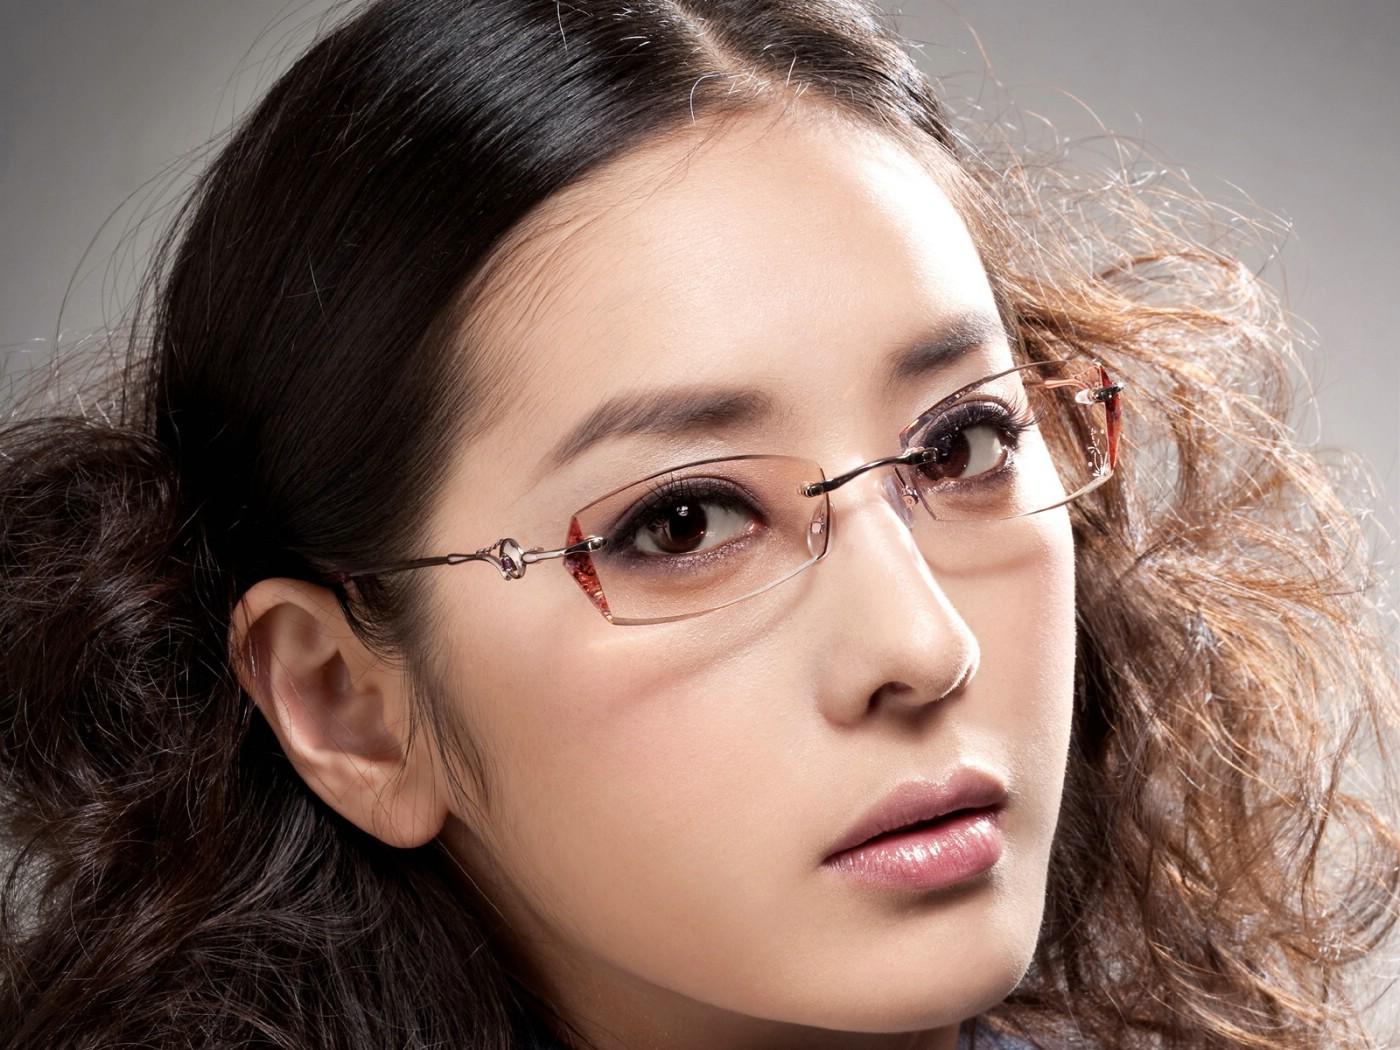 壁纸1400×1050迷人电眼眼镜美女模特高清壁纸